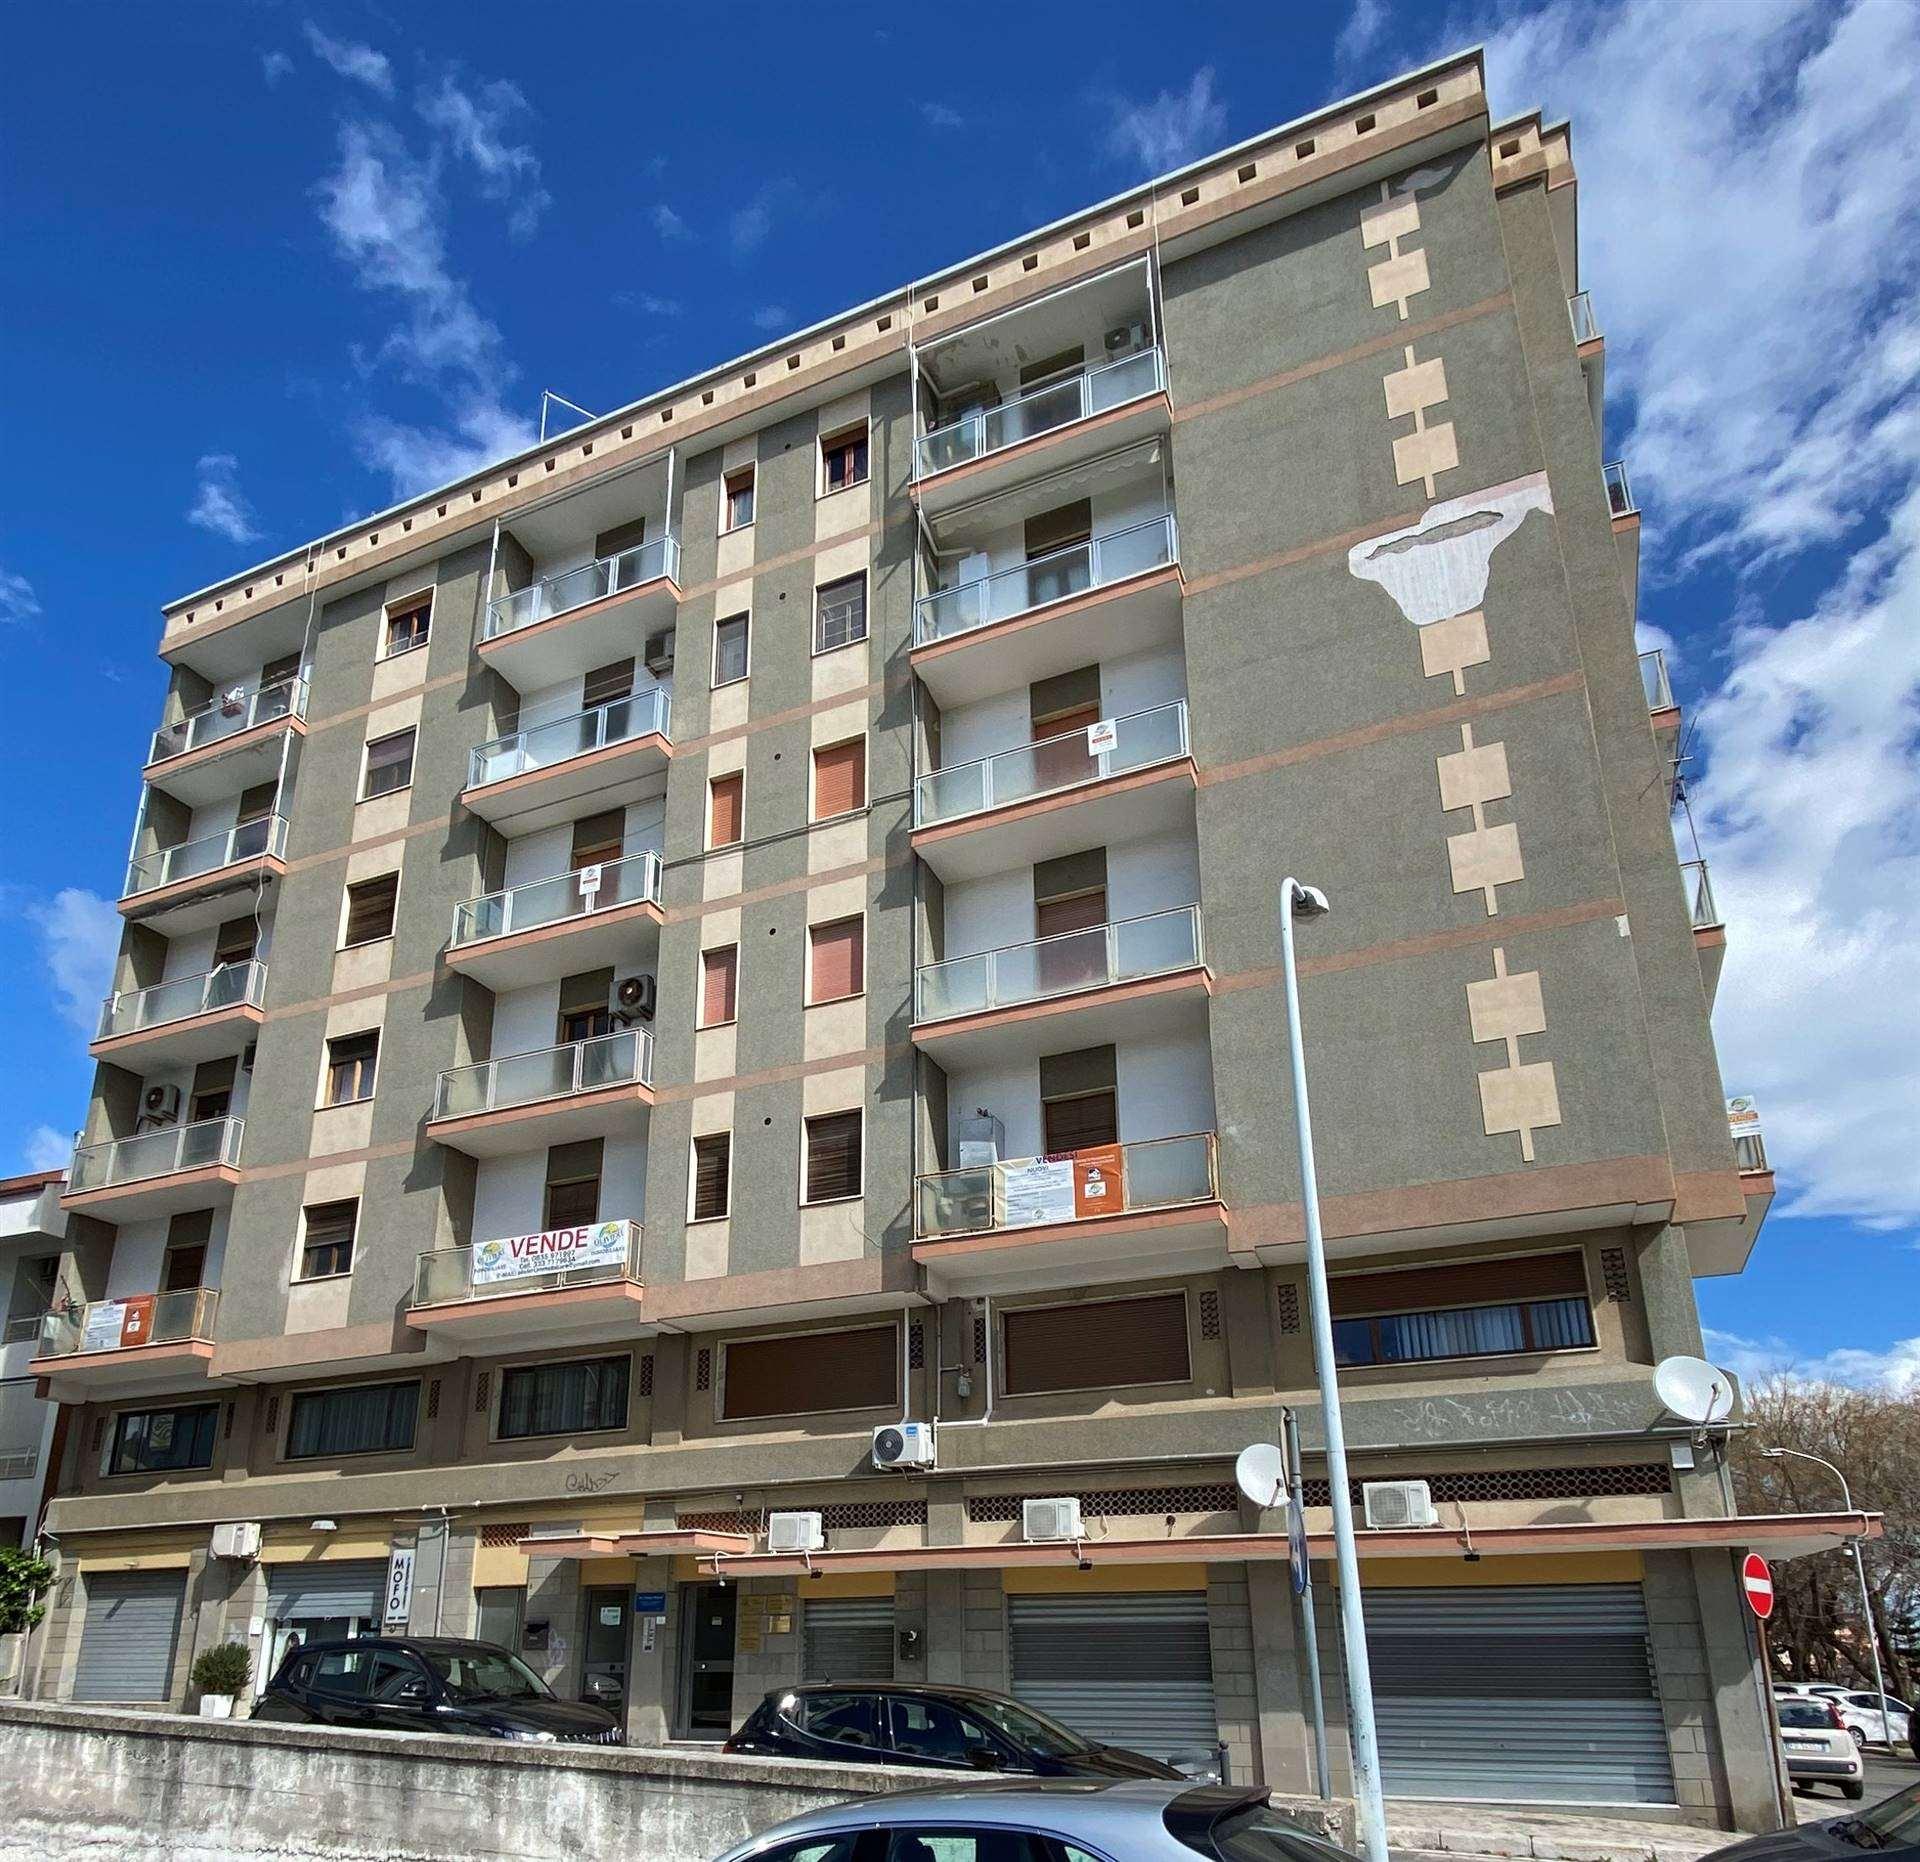 Appartamento in vendita a Policoro, 4 locali, prezzo € 100.000   PortaleAgenzieImmobiliari.it